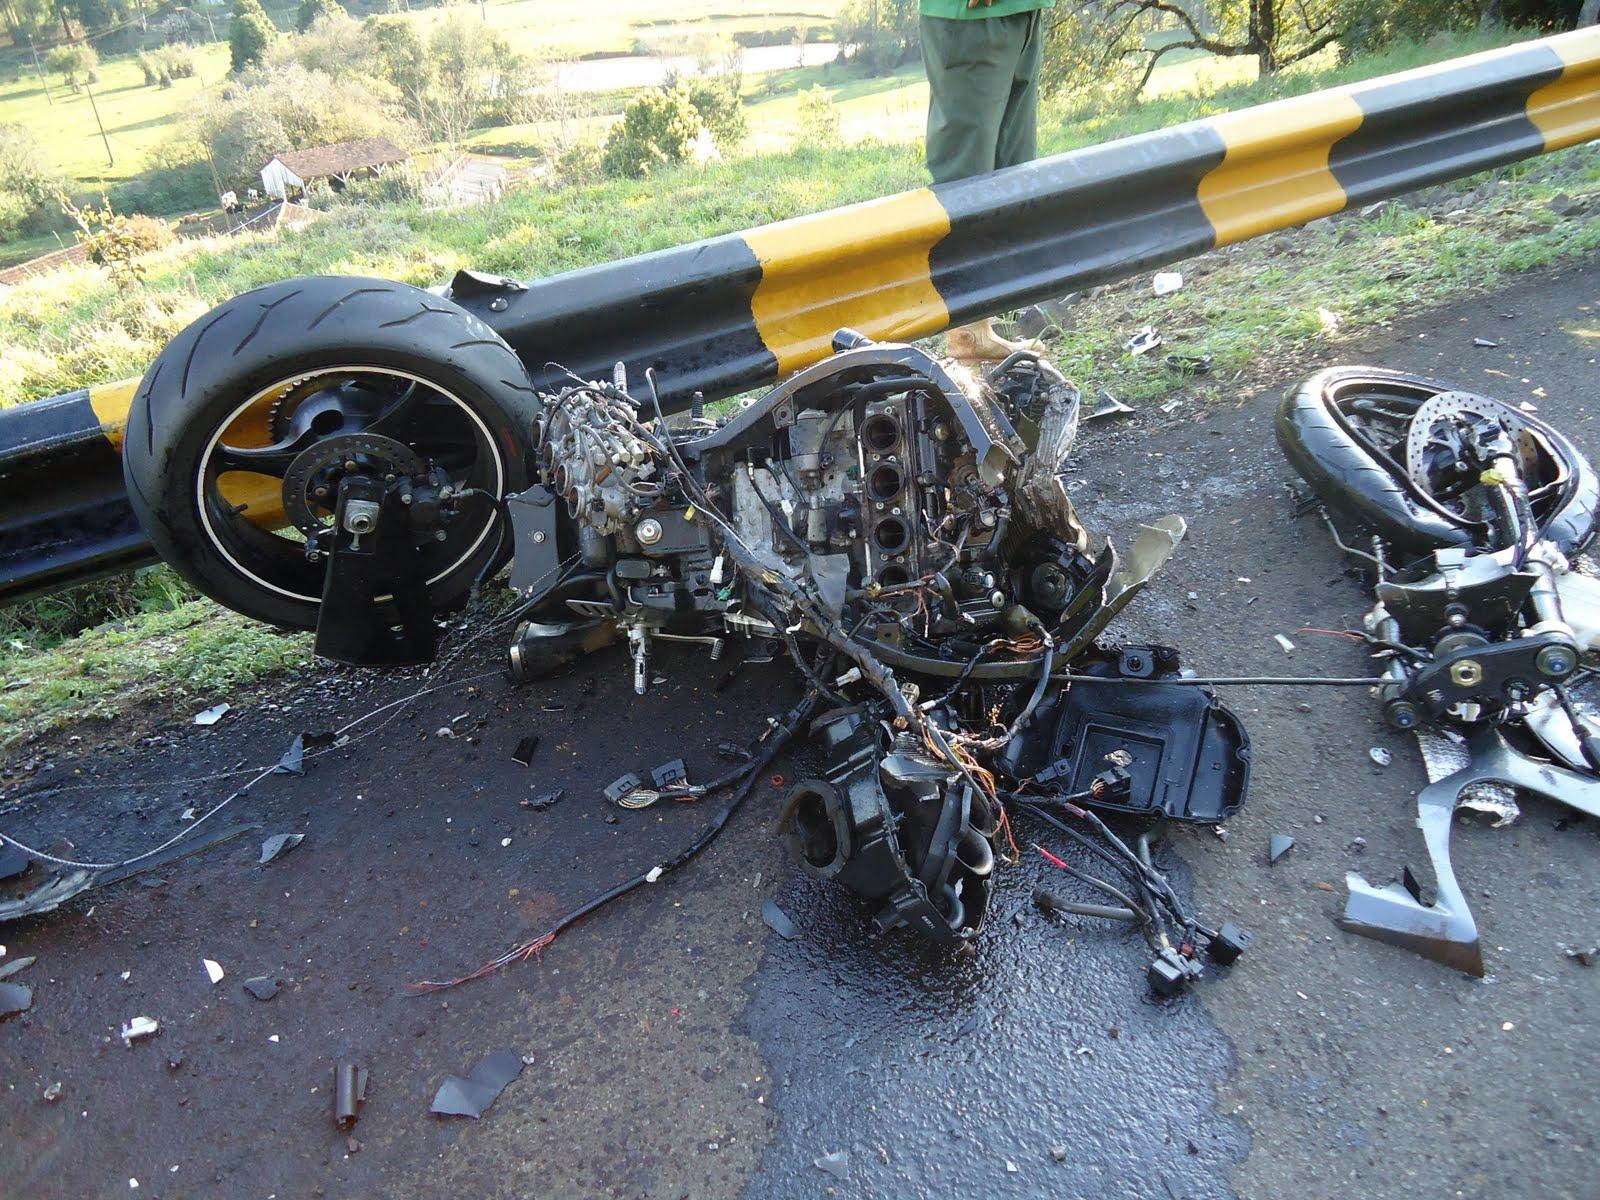 DIÓ NOTÍCIAS: Três mortos em acidente em Cunha Porã